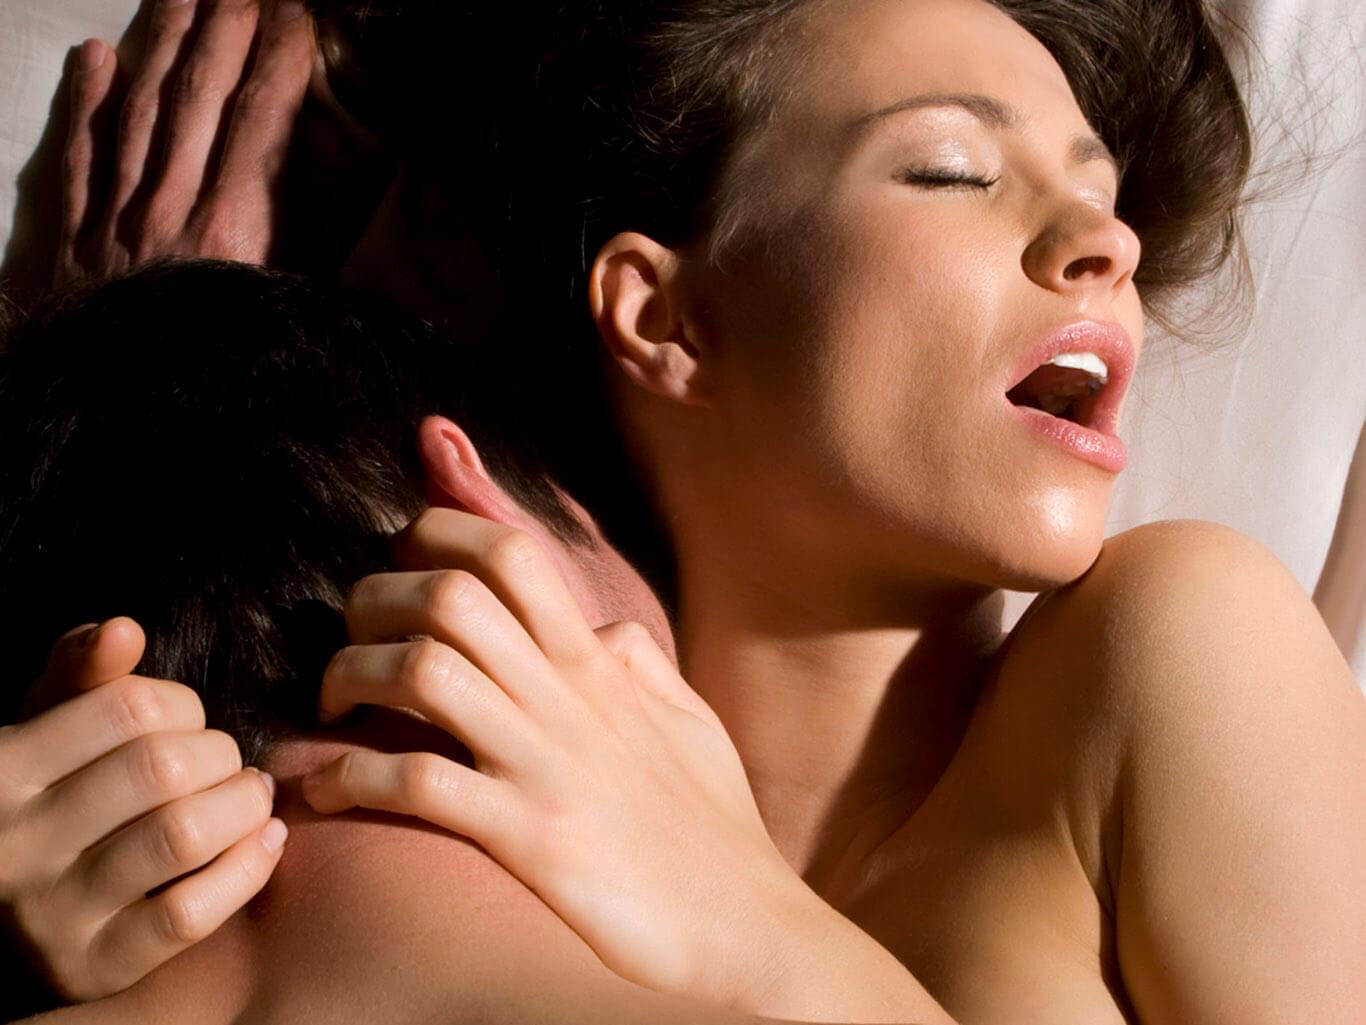 женской оргазм